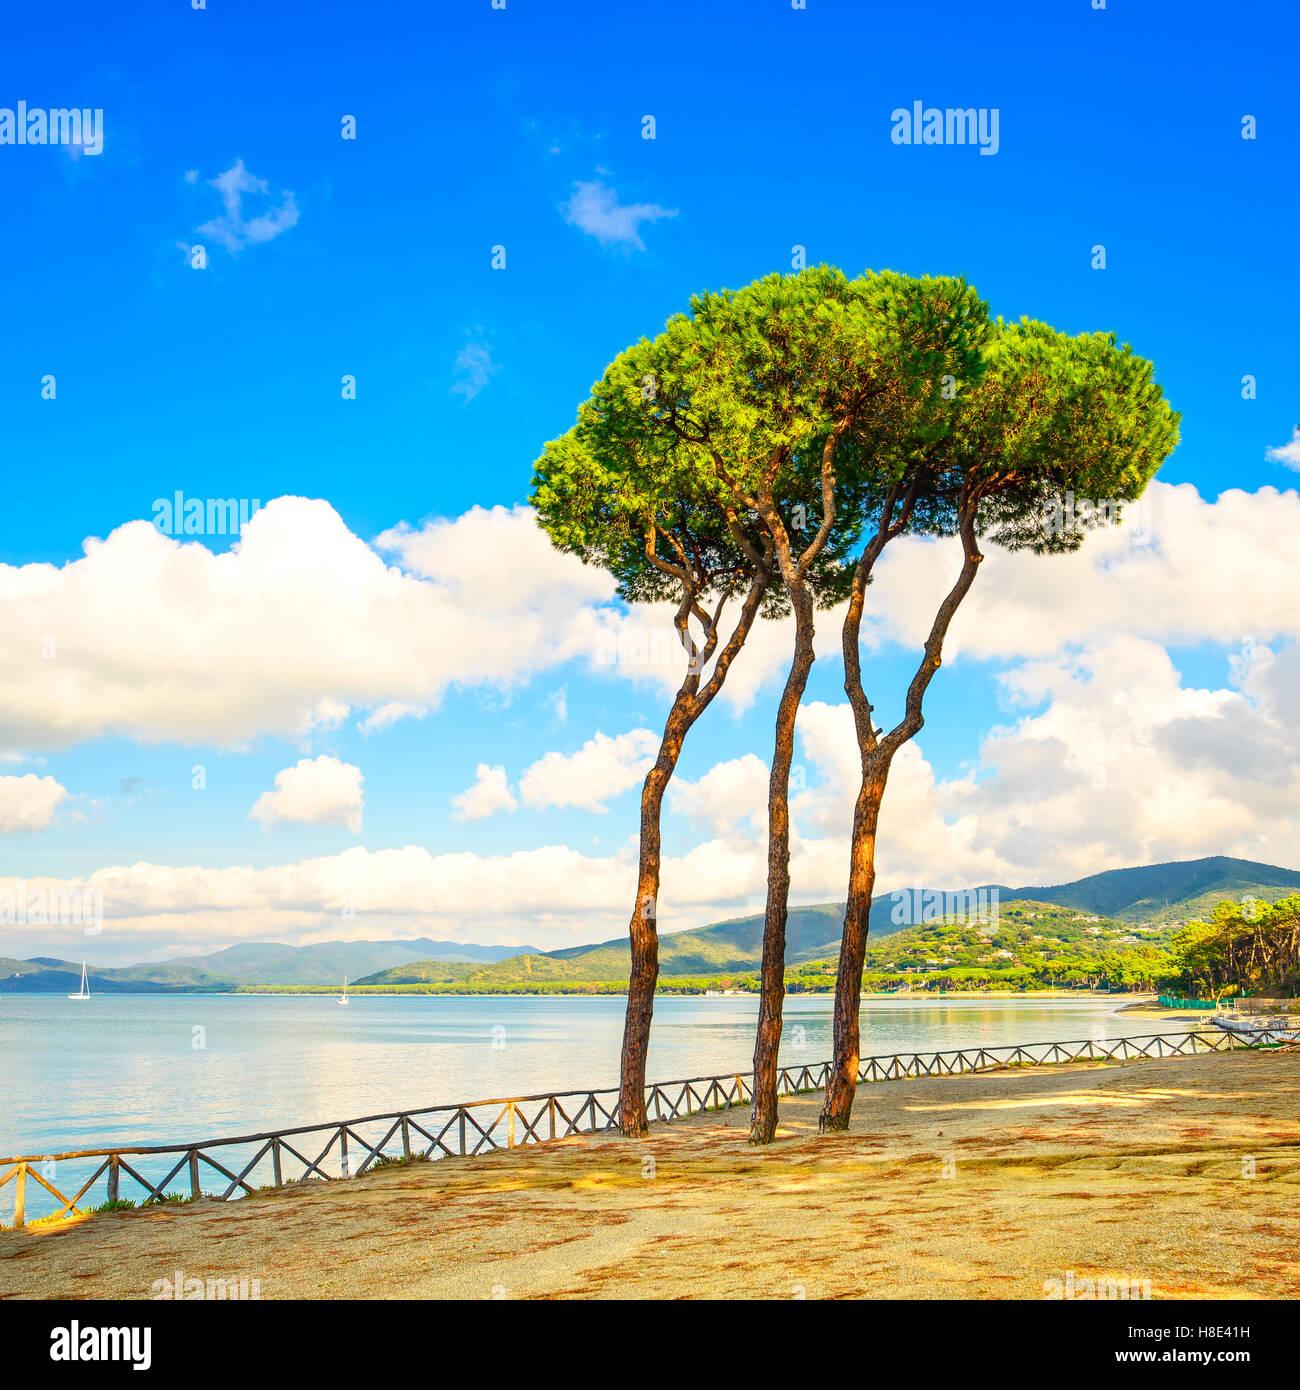 Pino gruppo sulla spiaggia e baia mare sullo sfondo. Punta Ala, Toscana, Italia Immagini Stock